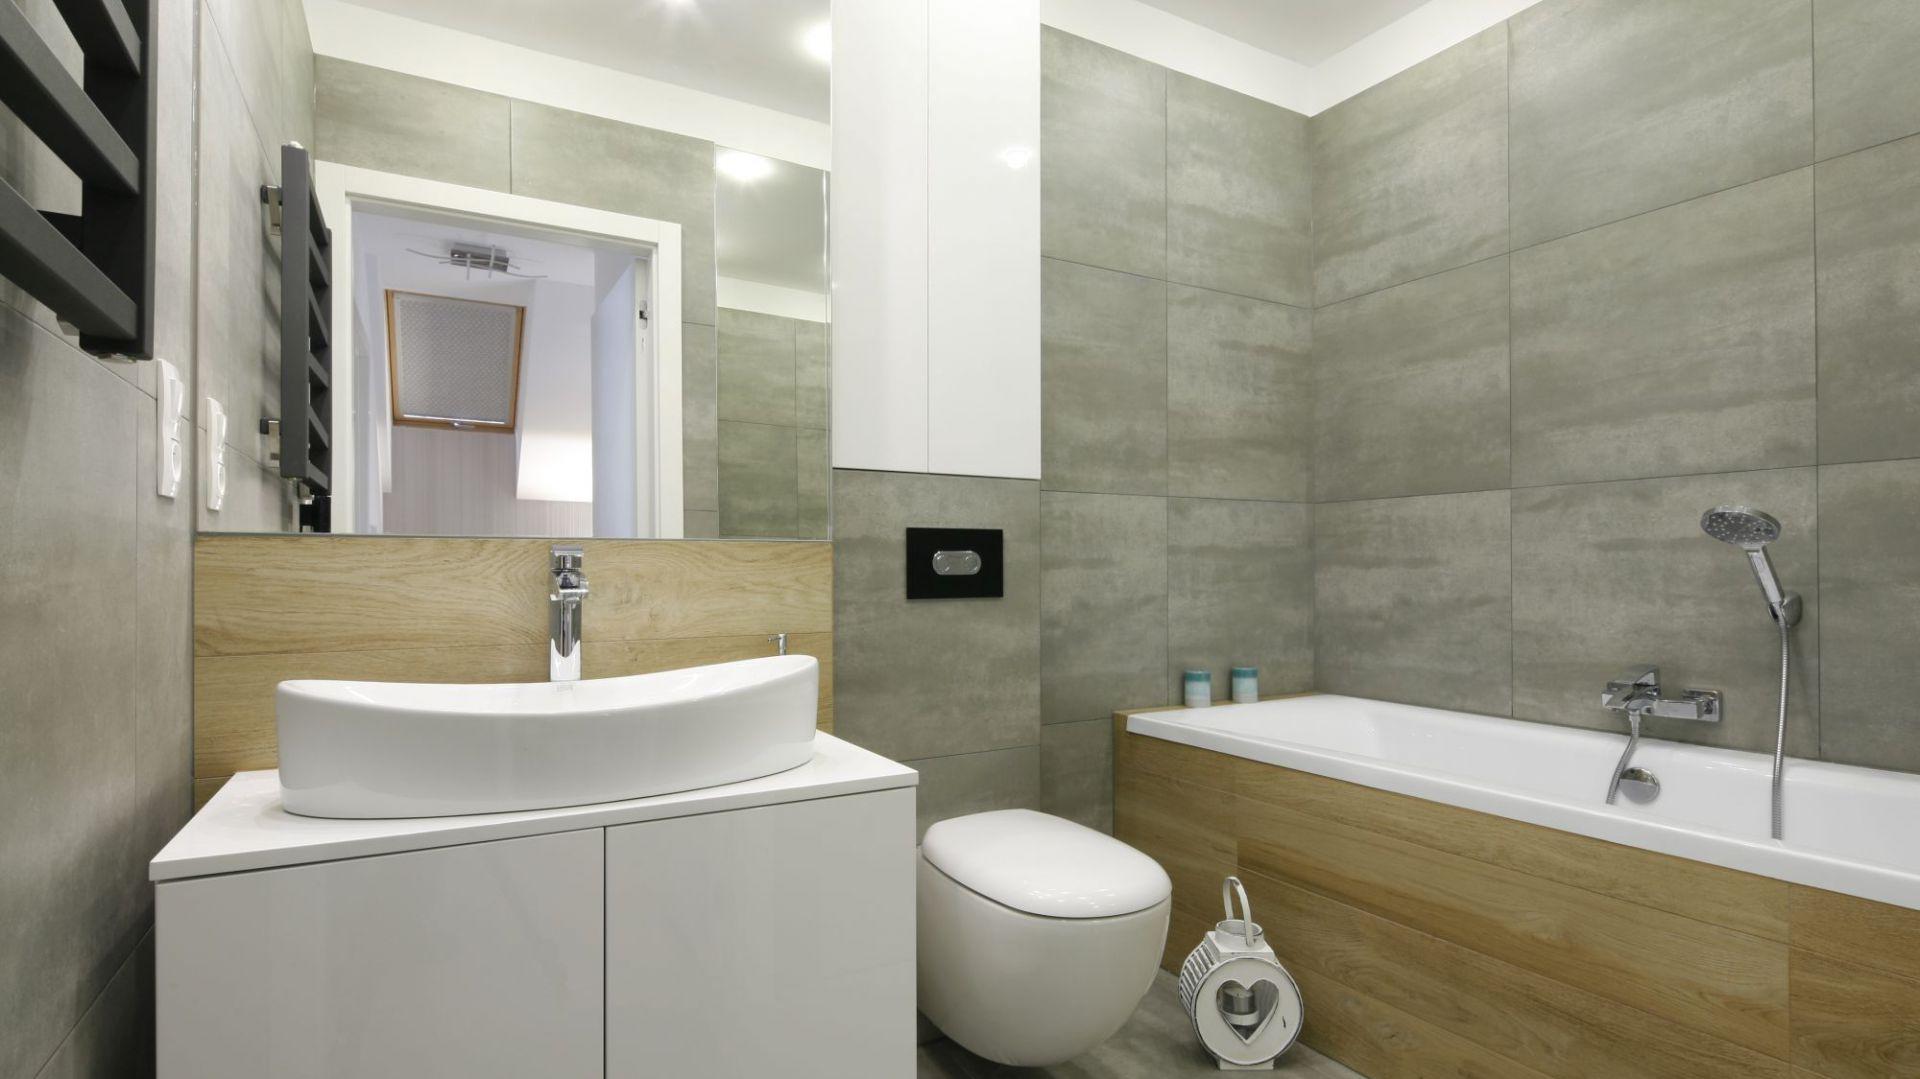 Oświetlenie lustra w łazience. Projekt: Katarzyna Uszok. Fot. Bartosz Jarosz